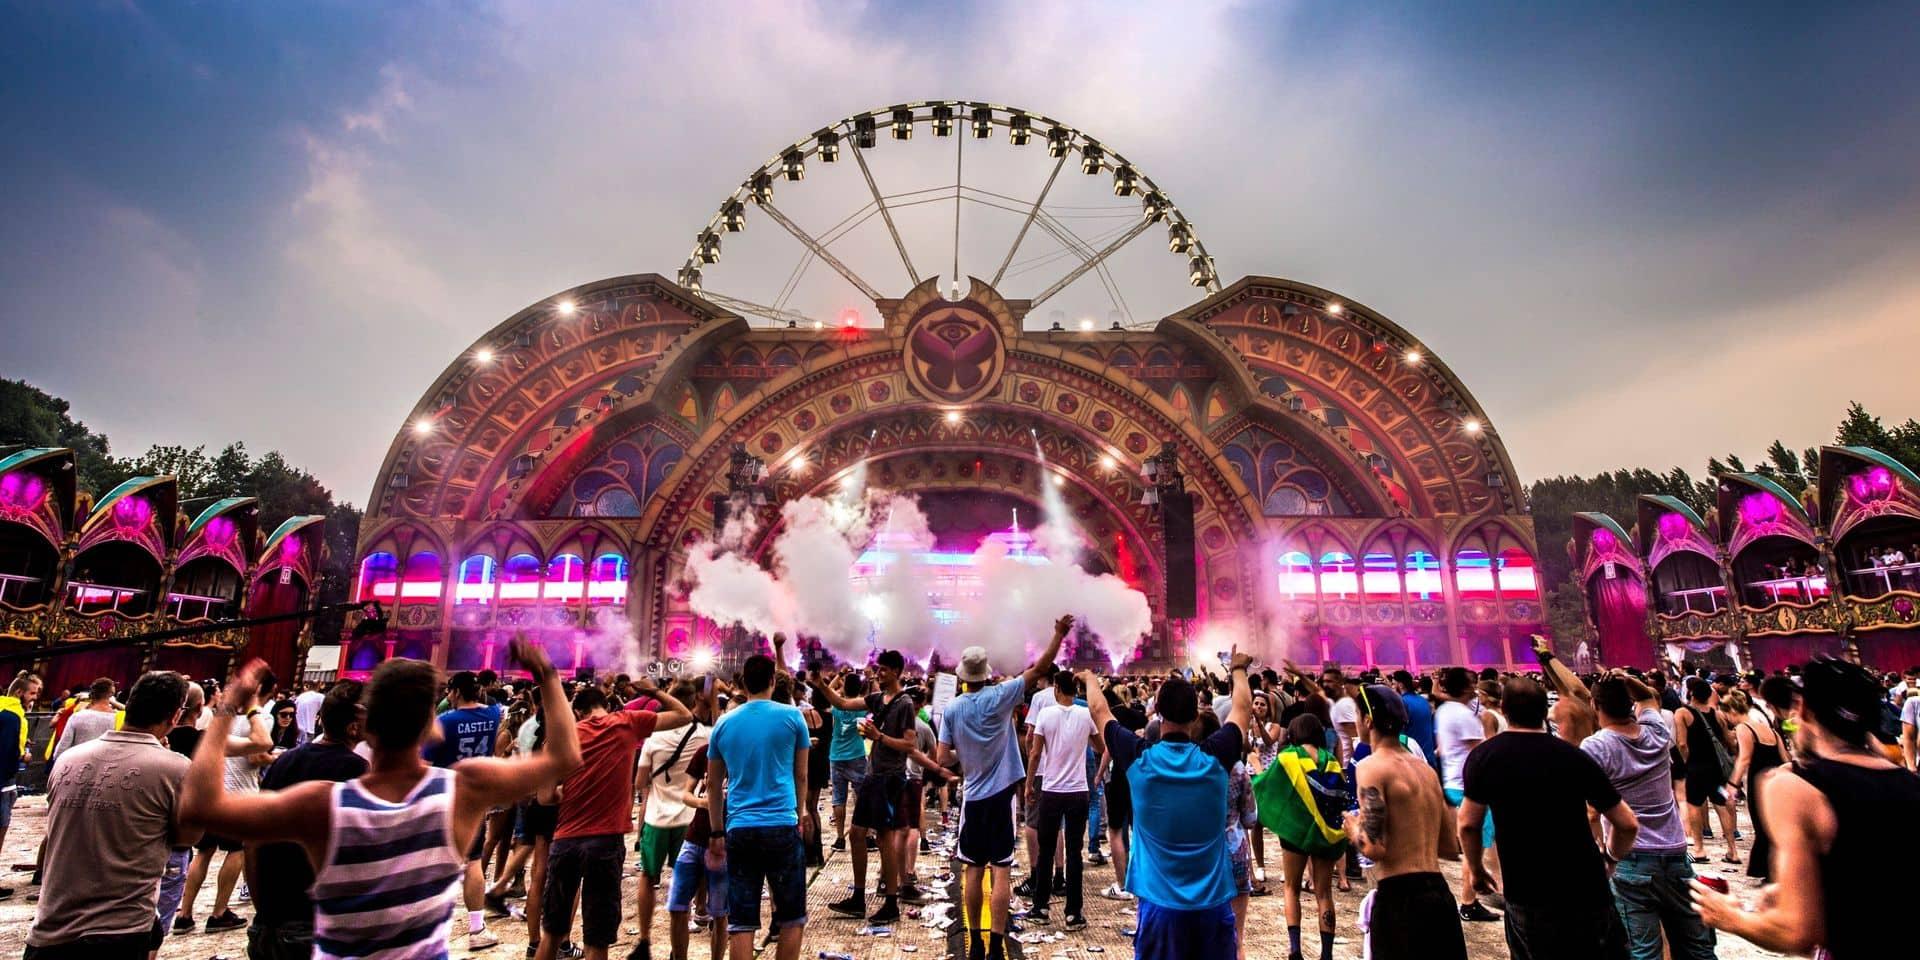 C'est officiel, Tomorrowland 2021 aura lieu en version numérique: ce que l'on sait déjà